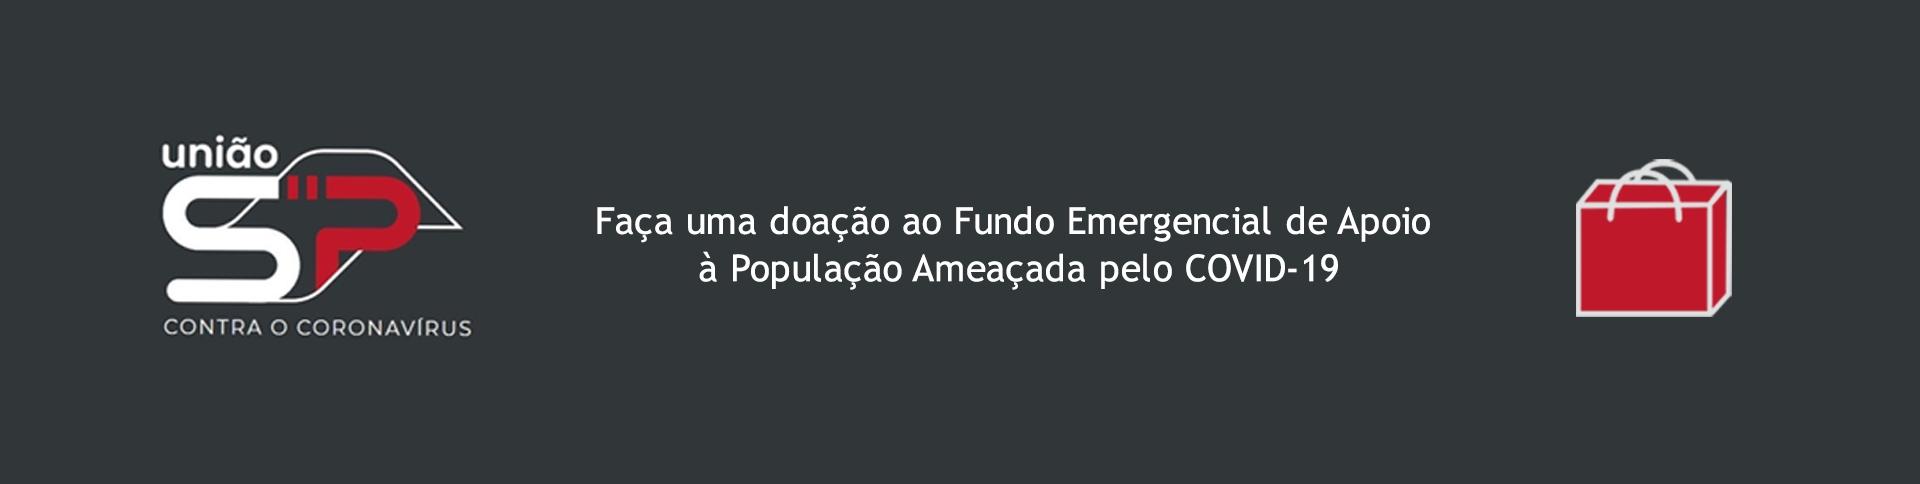 União São Paulo - Doação